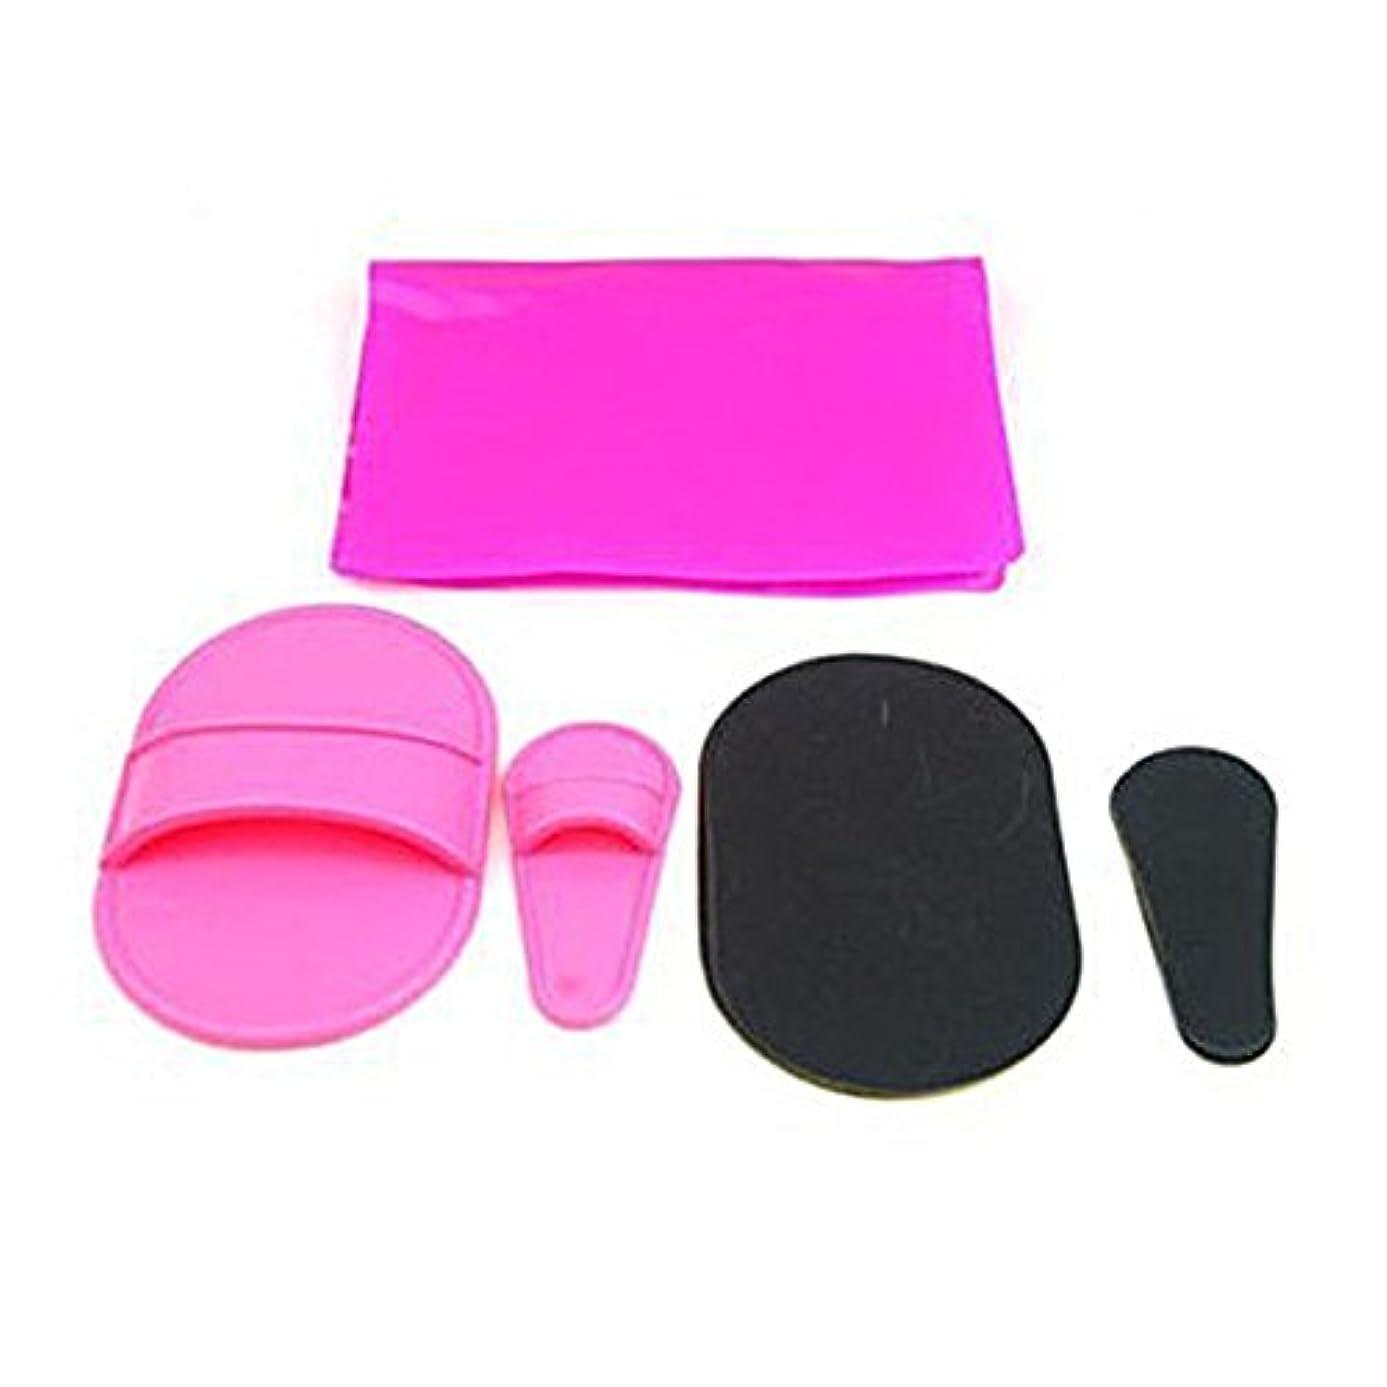 割る一ストレンジャー携帯用小型毛の除去剤のボディローションの滑らかな皮への滑らかなフィートのパッドの脱毛剤